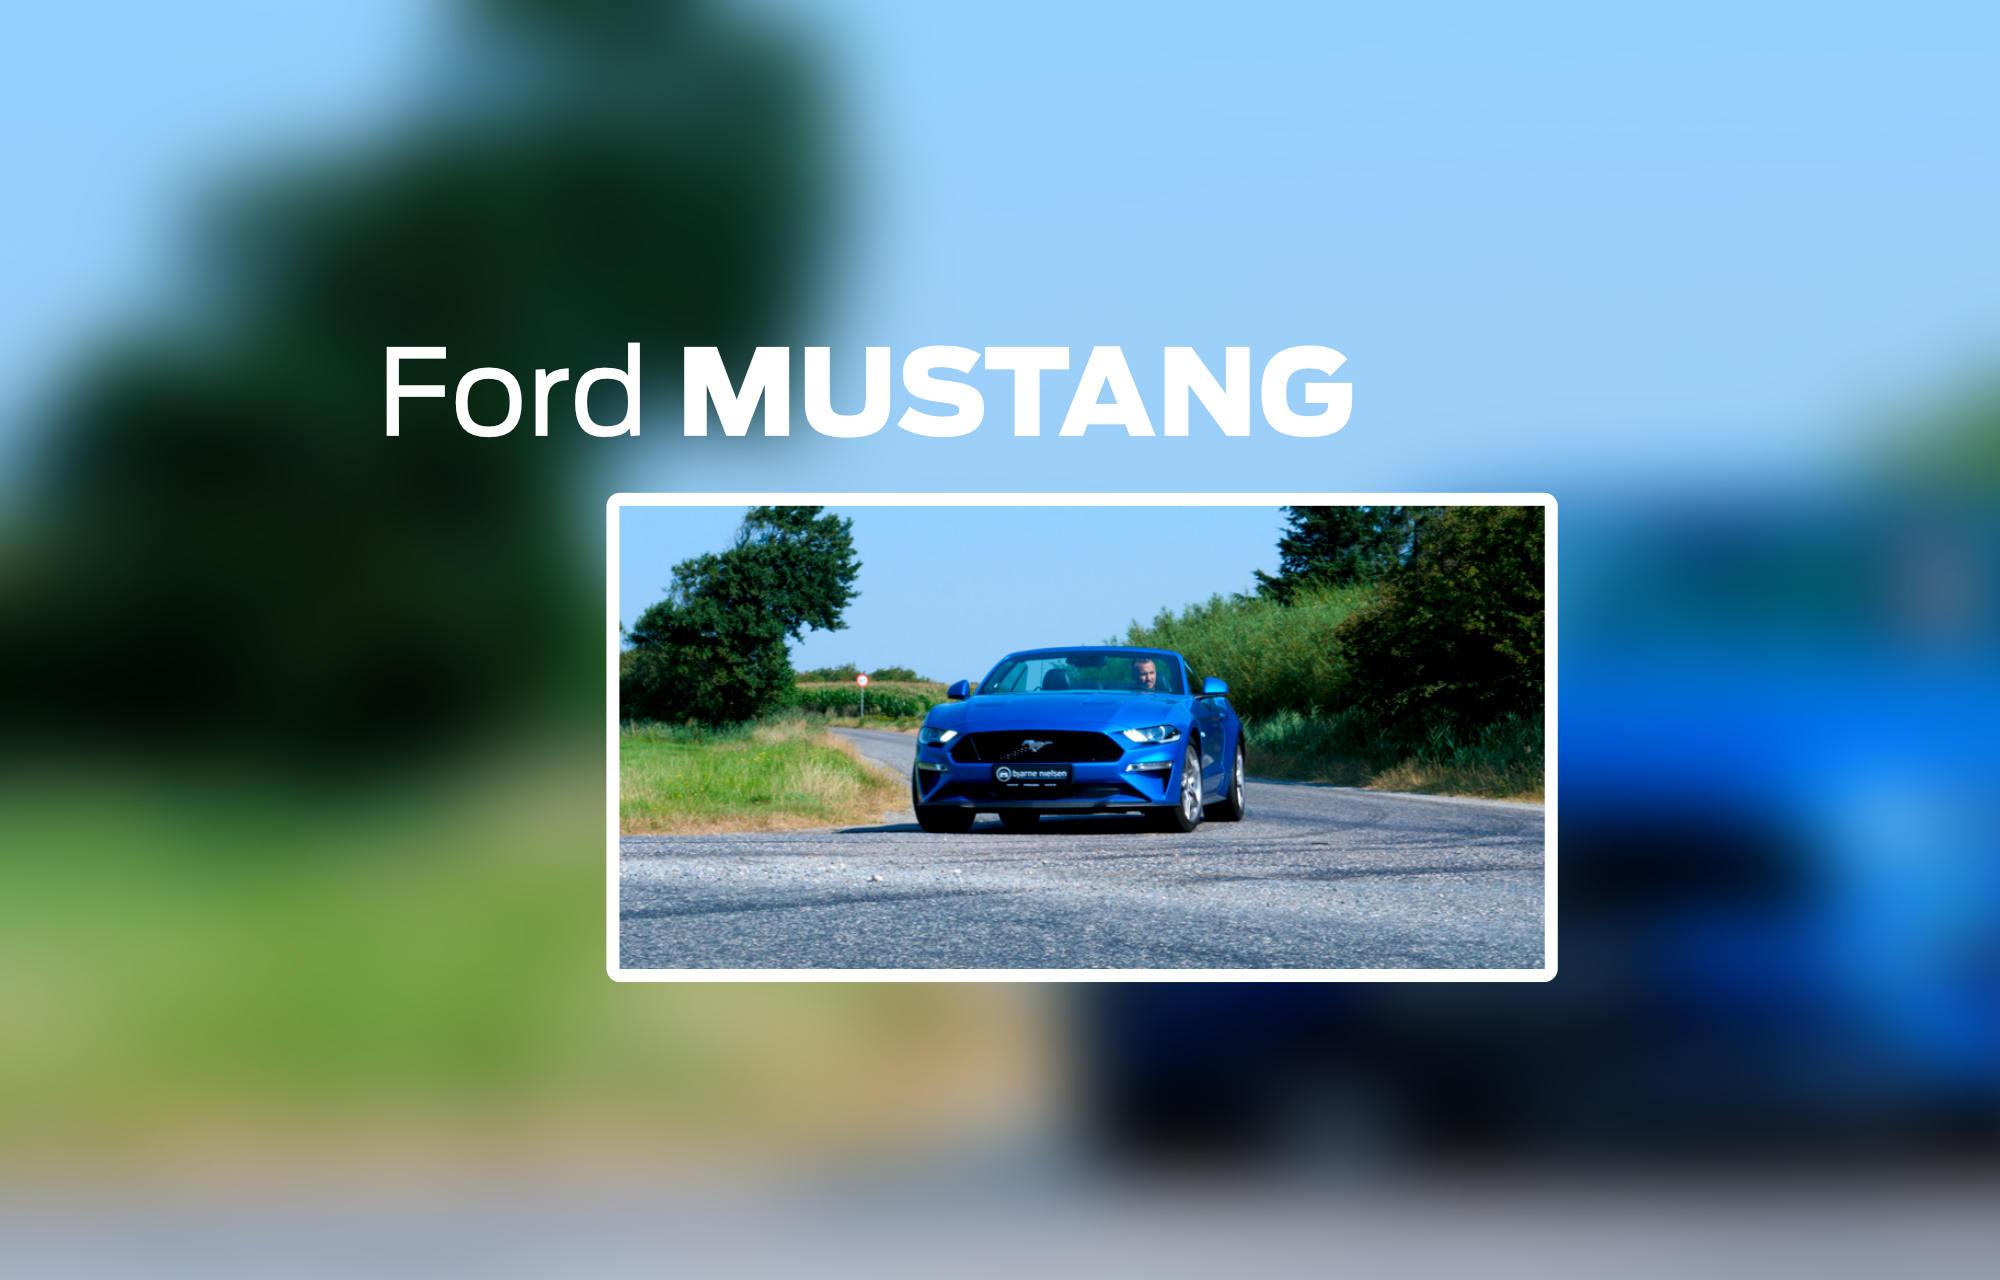 Bilguiden: Hvorfor vælge en Ford Mustang?